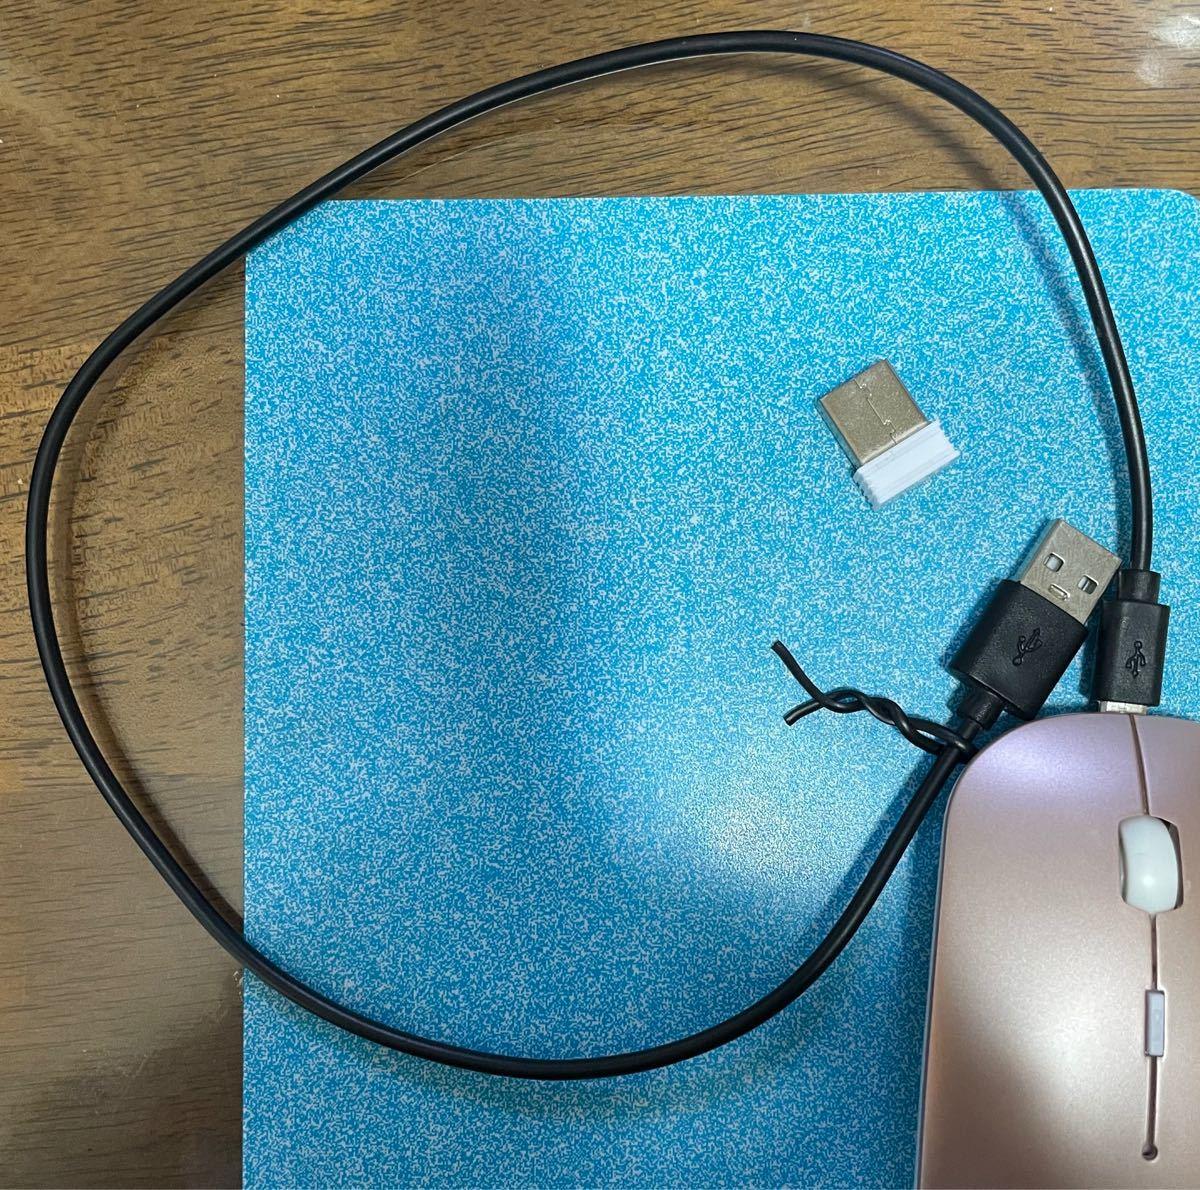 マウス ワイヤレスマウス 無線マウス 超薄型 静音USB充電式 光学式 高感度 電池交換不要 レシーバー付き